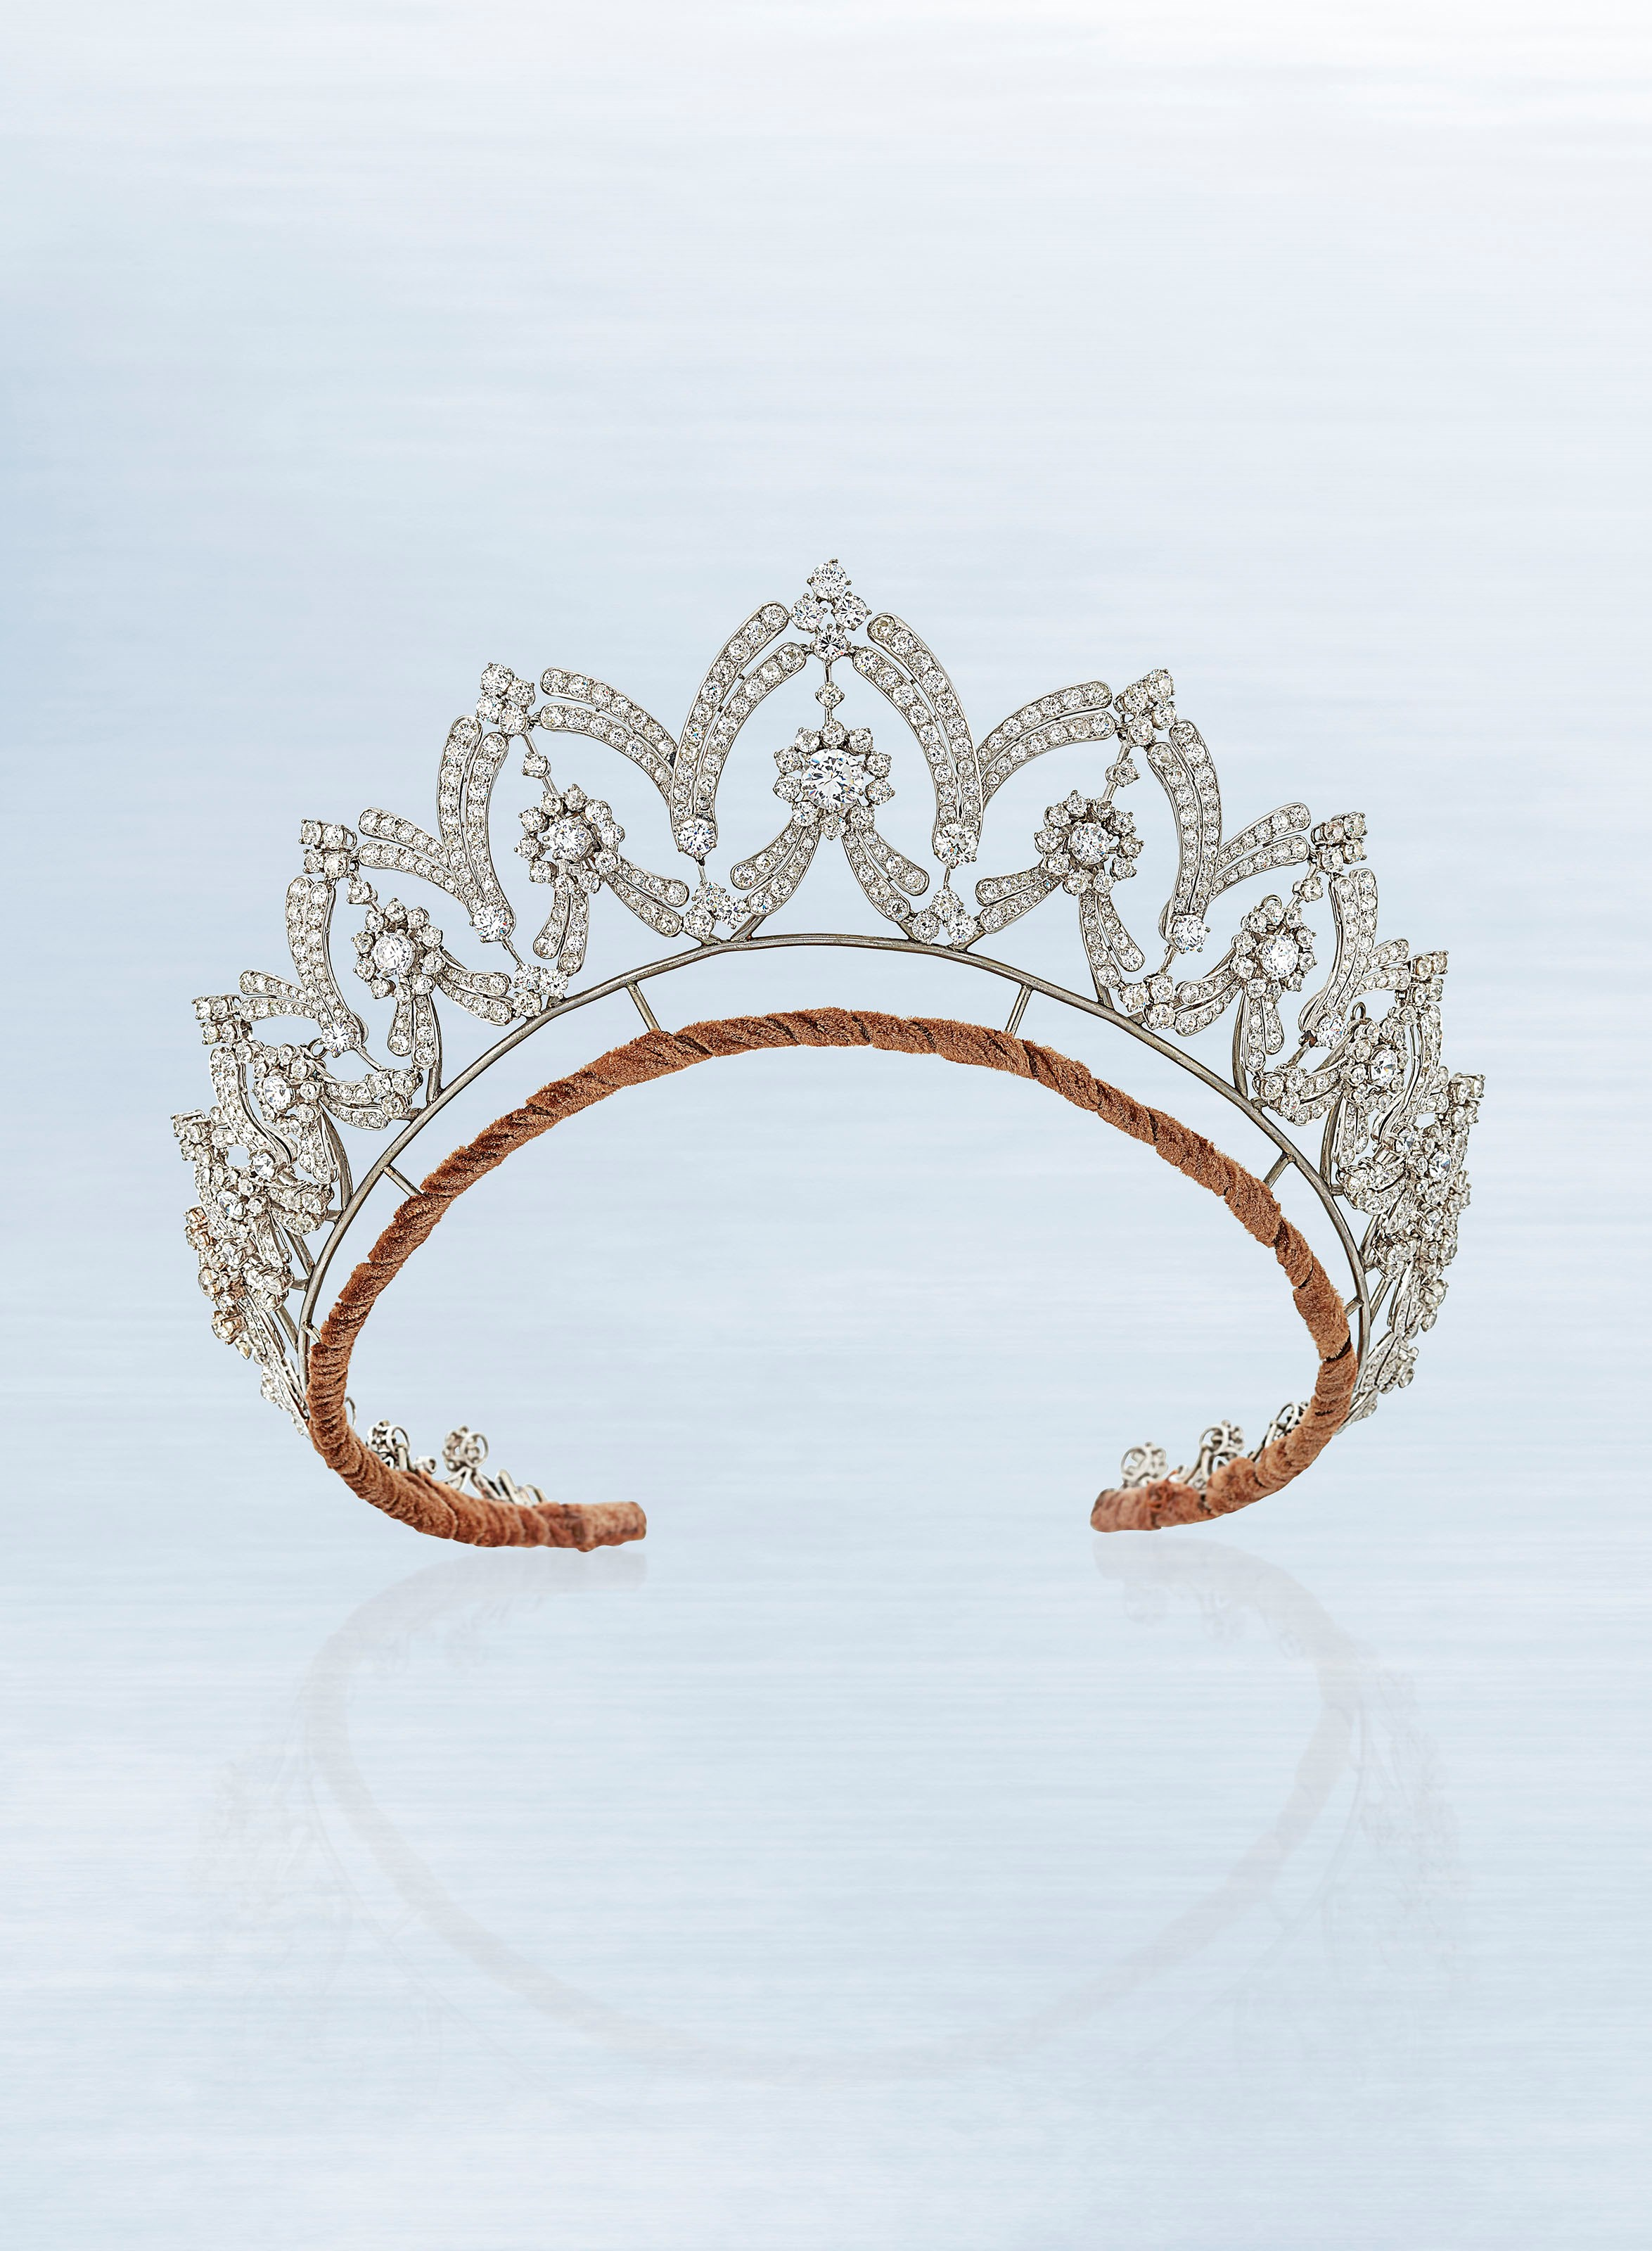 裝飾藝術風格鑽石頭冠/項鏈,寶詩龍設計,圓形和舊式切割鑽石,約1935年製。直徑48.5公分,簽名:Boucheron RM;附寶詩龍原裝深藍色盒。此拍品於2018年6月13日在佳士得倫敦珠寶首飾拍賣中以87,500英鎊成交。